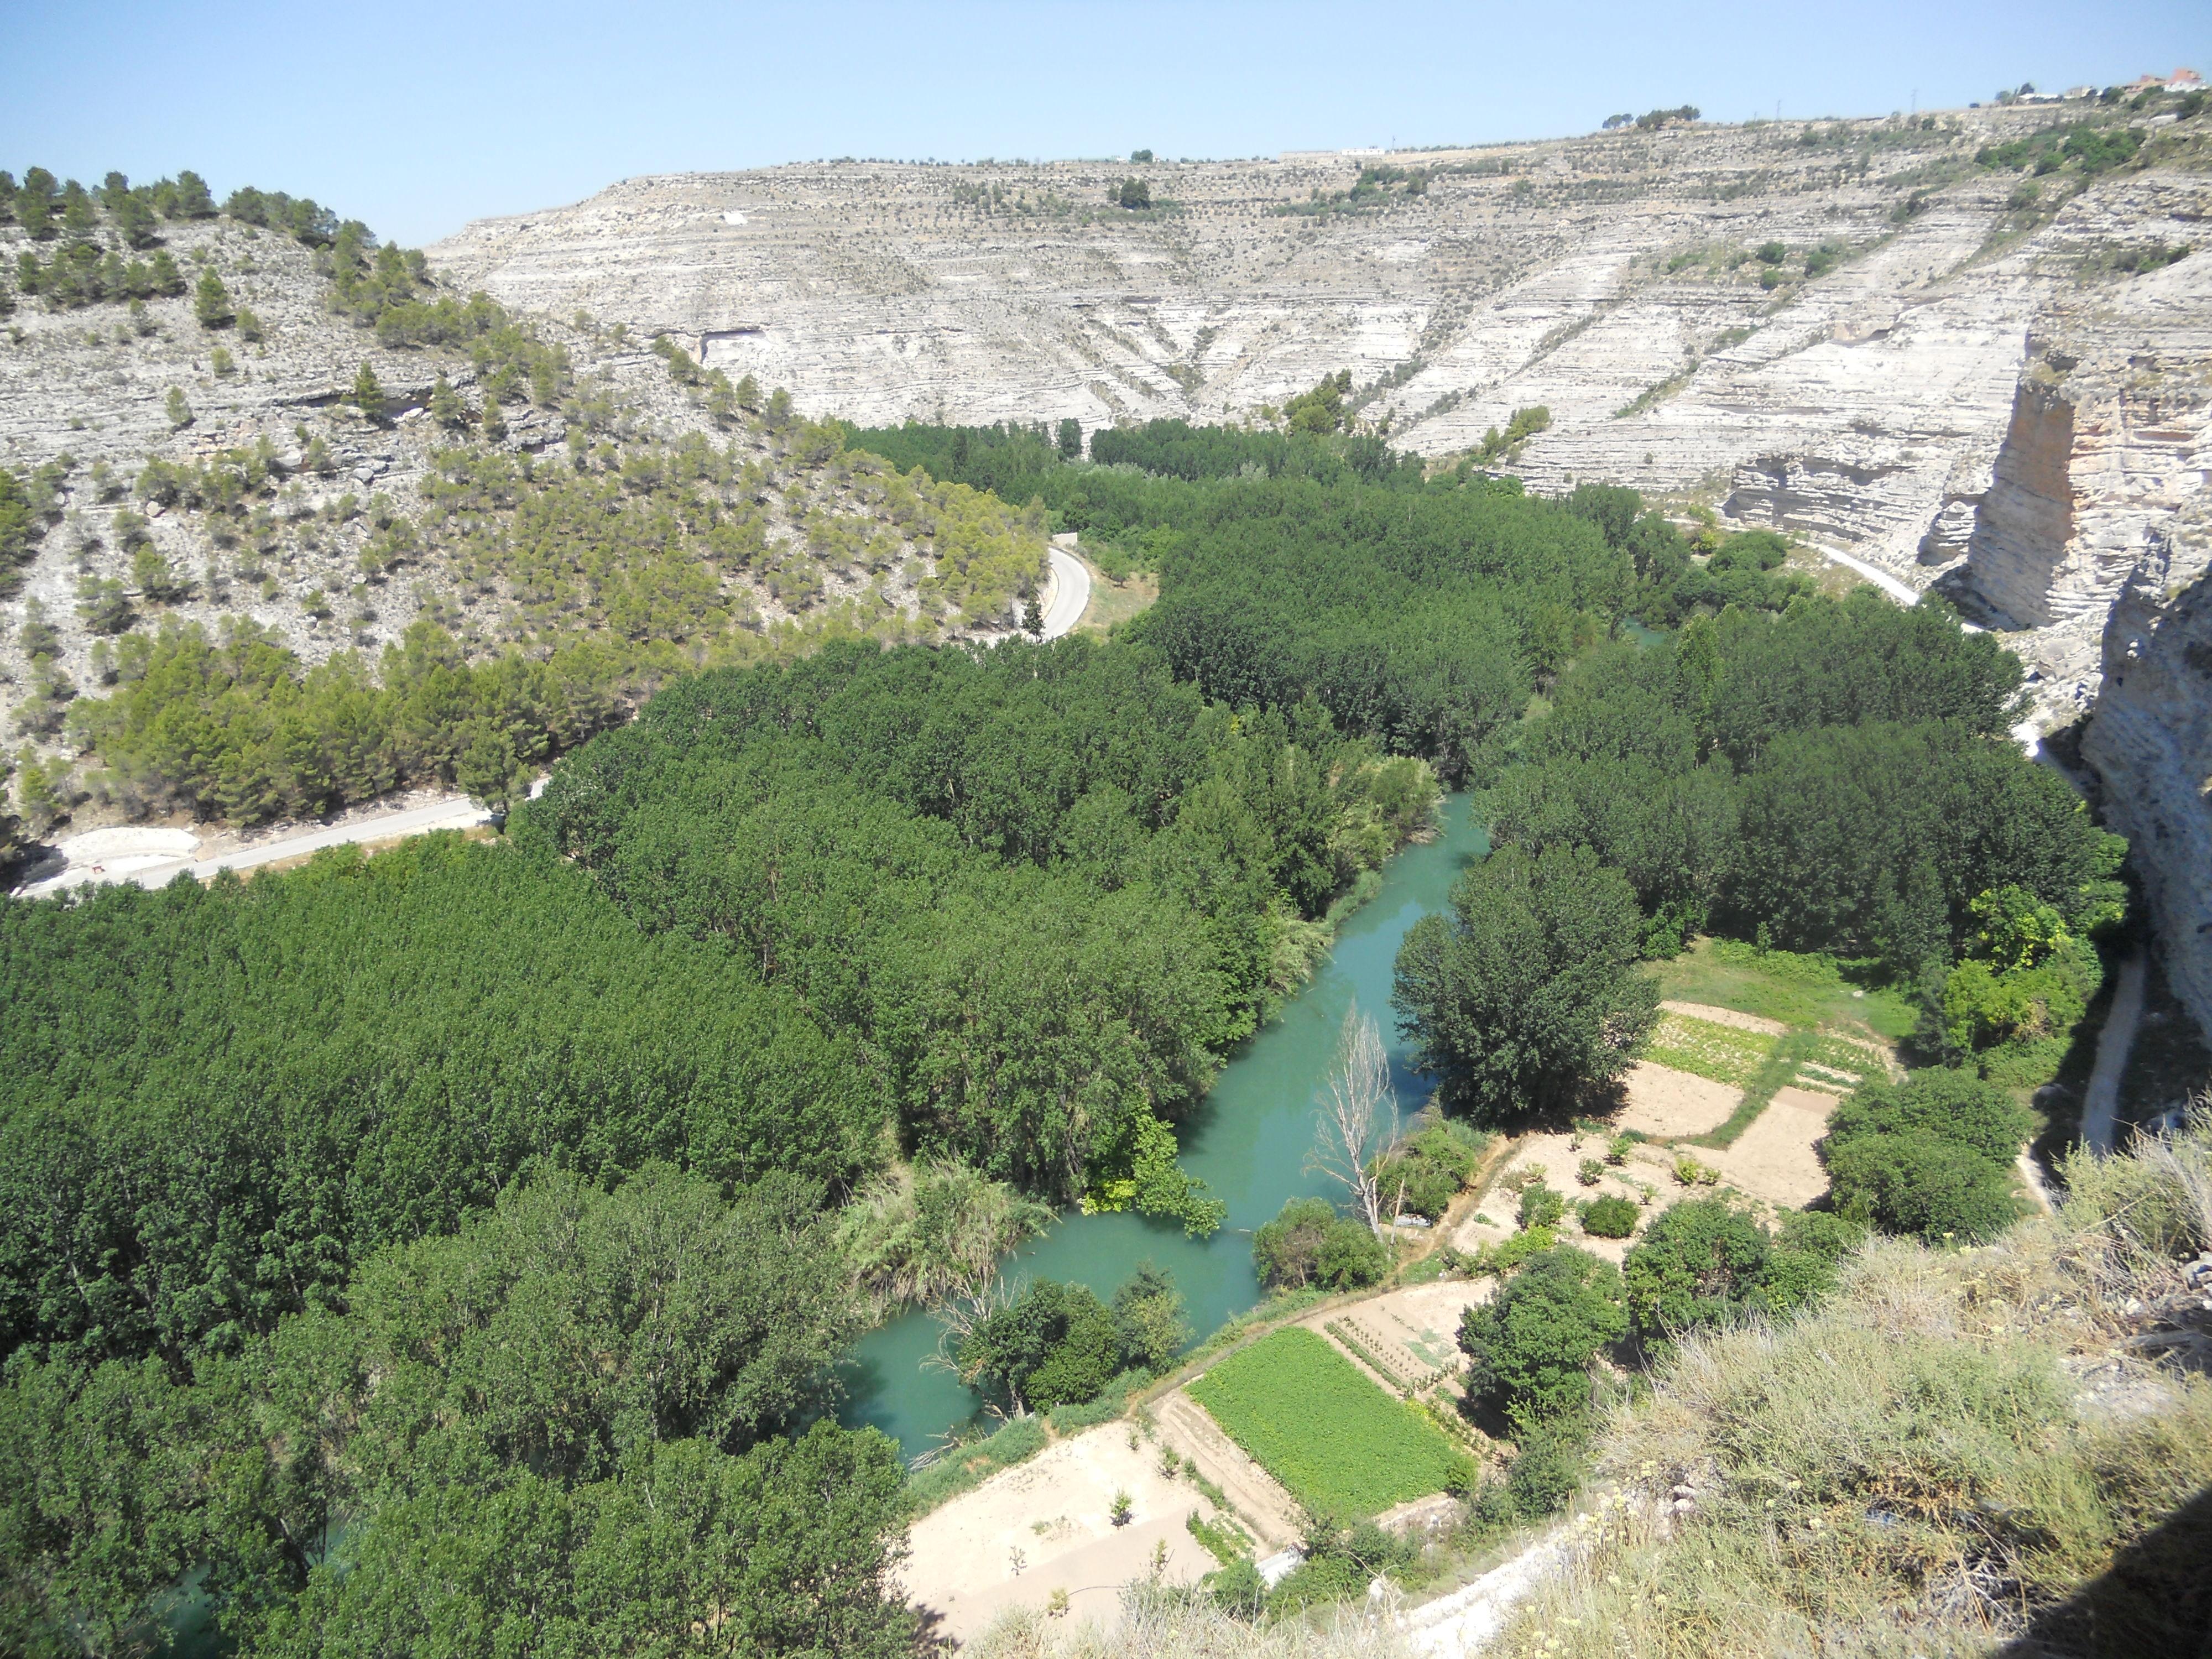 Alcalá del Júcar río4 Alcalá del Júcar: ¿por dónde empezar? Su naturaleza